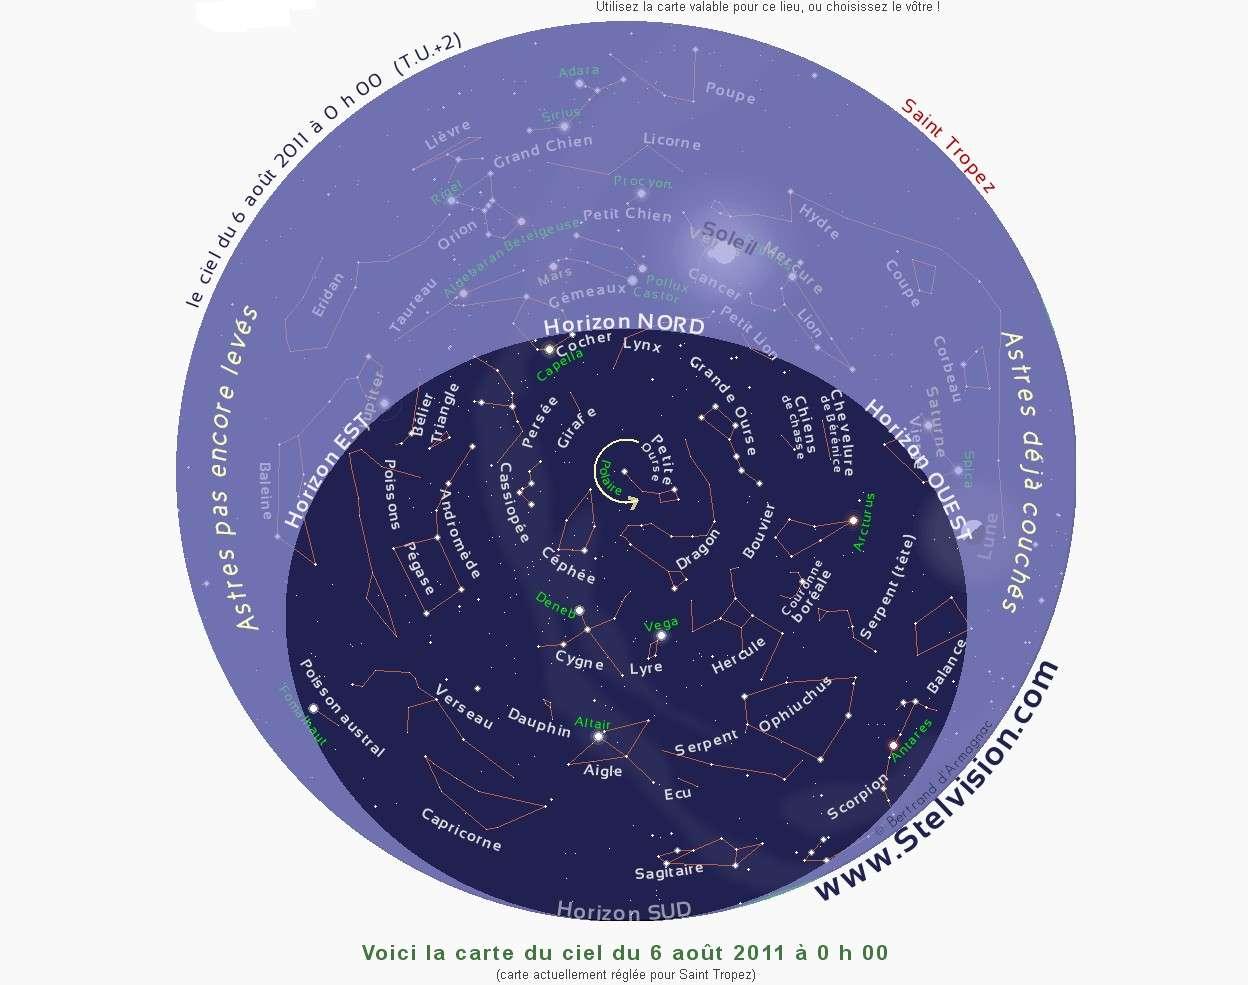 Incontournable, la carte du ciel proposée par le site Stelvision.com permet de s'y retrouver sous les étoiles. Le 6 août à minuit la Lune et Vénus viennent de se coucher, Jupiter va se lever et les brillantes étoiles du Triangle de l'été brillent au zénith. © Stelvision.com